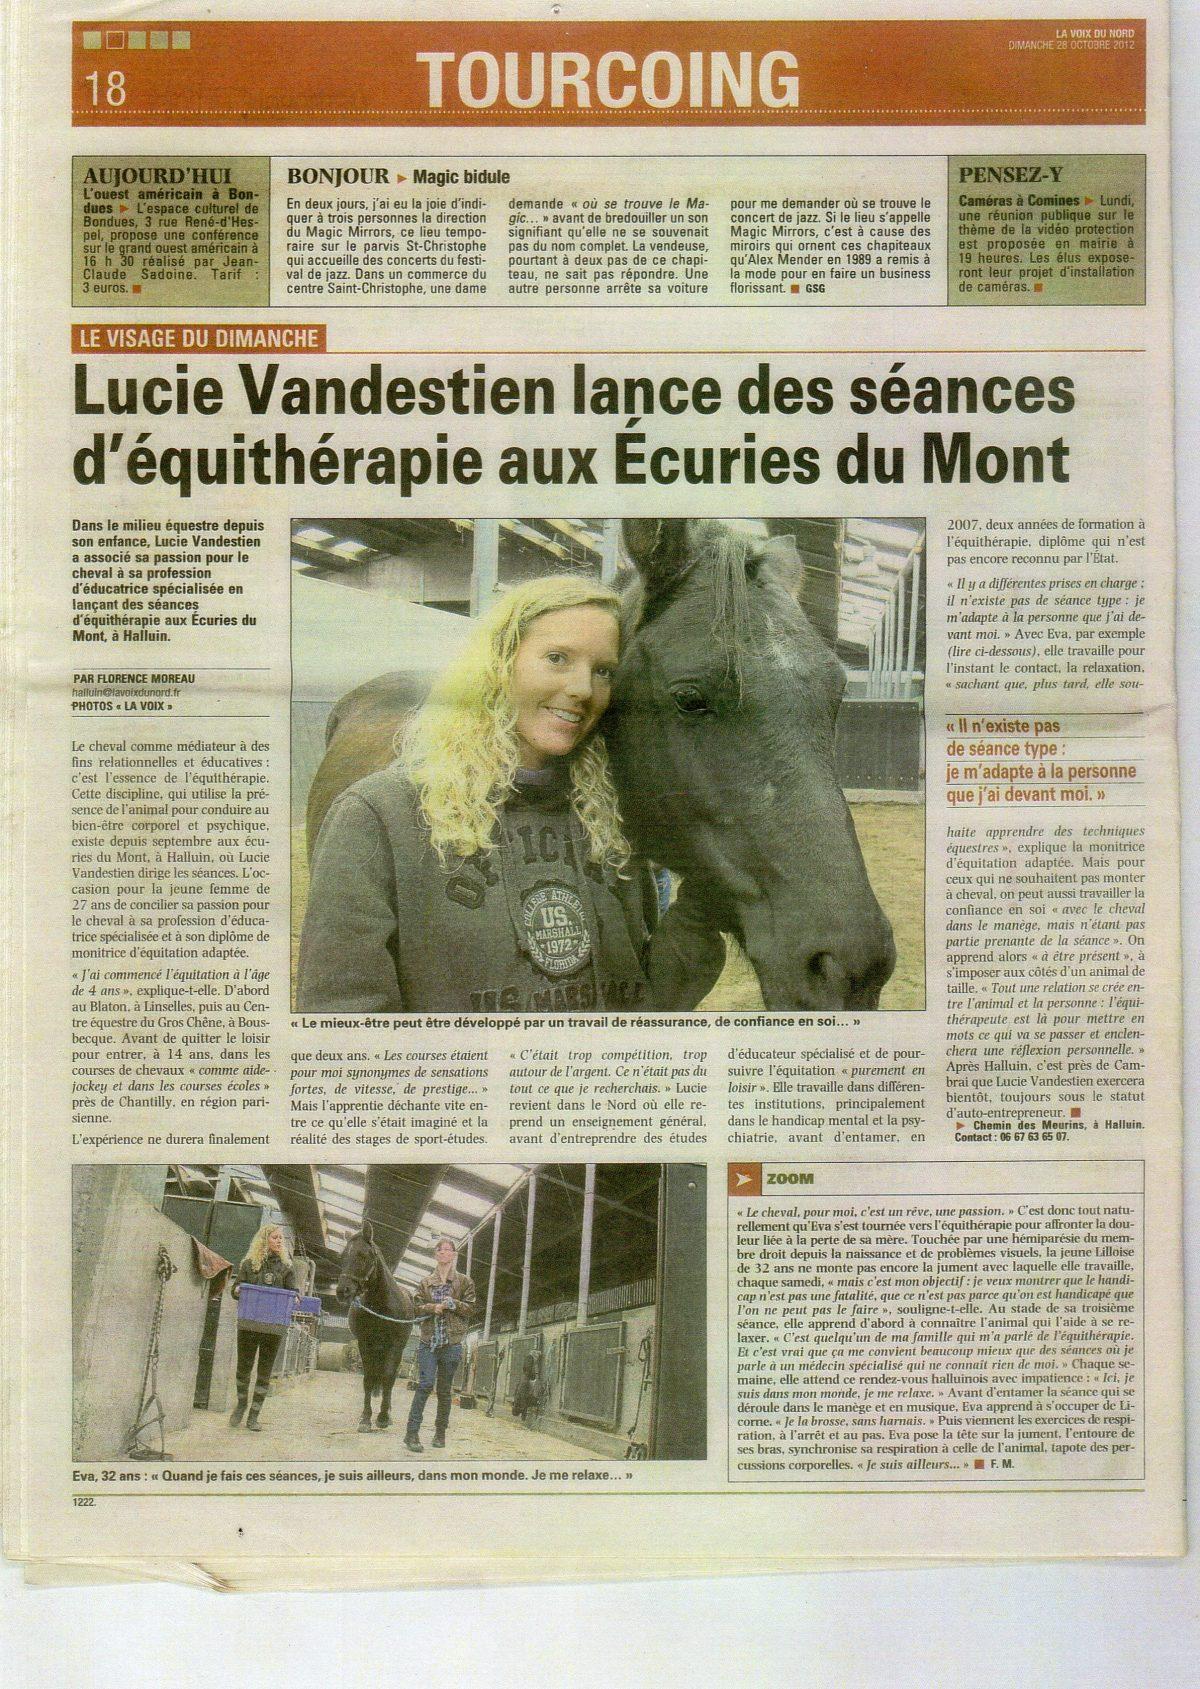 Lucie Vandestien lance des séances d'équithérapie aux Écuries du Mont